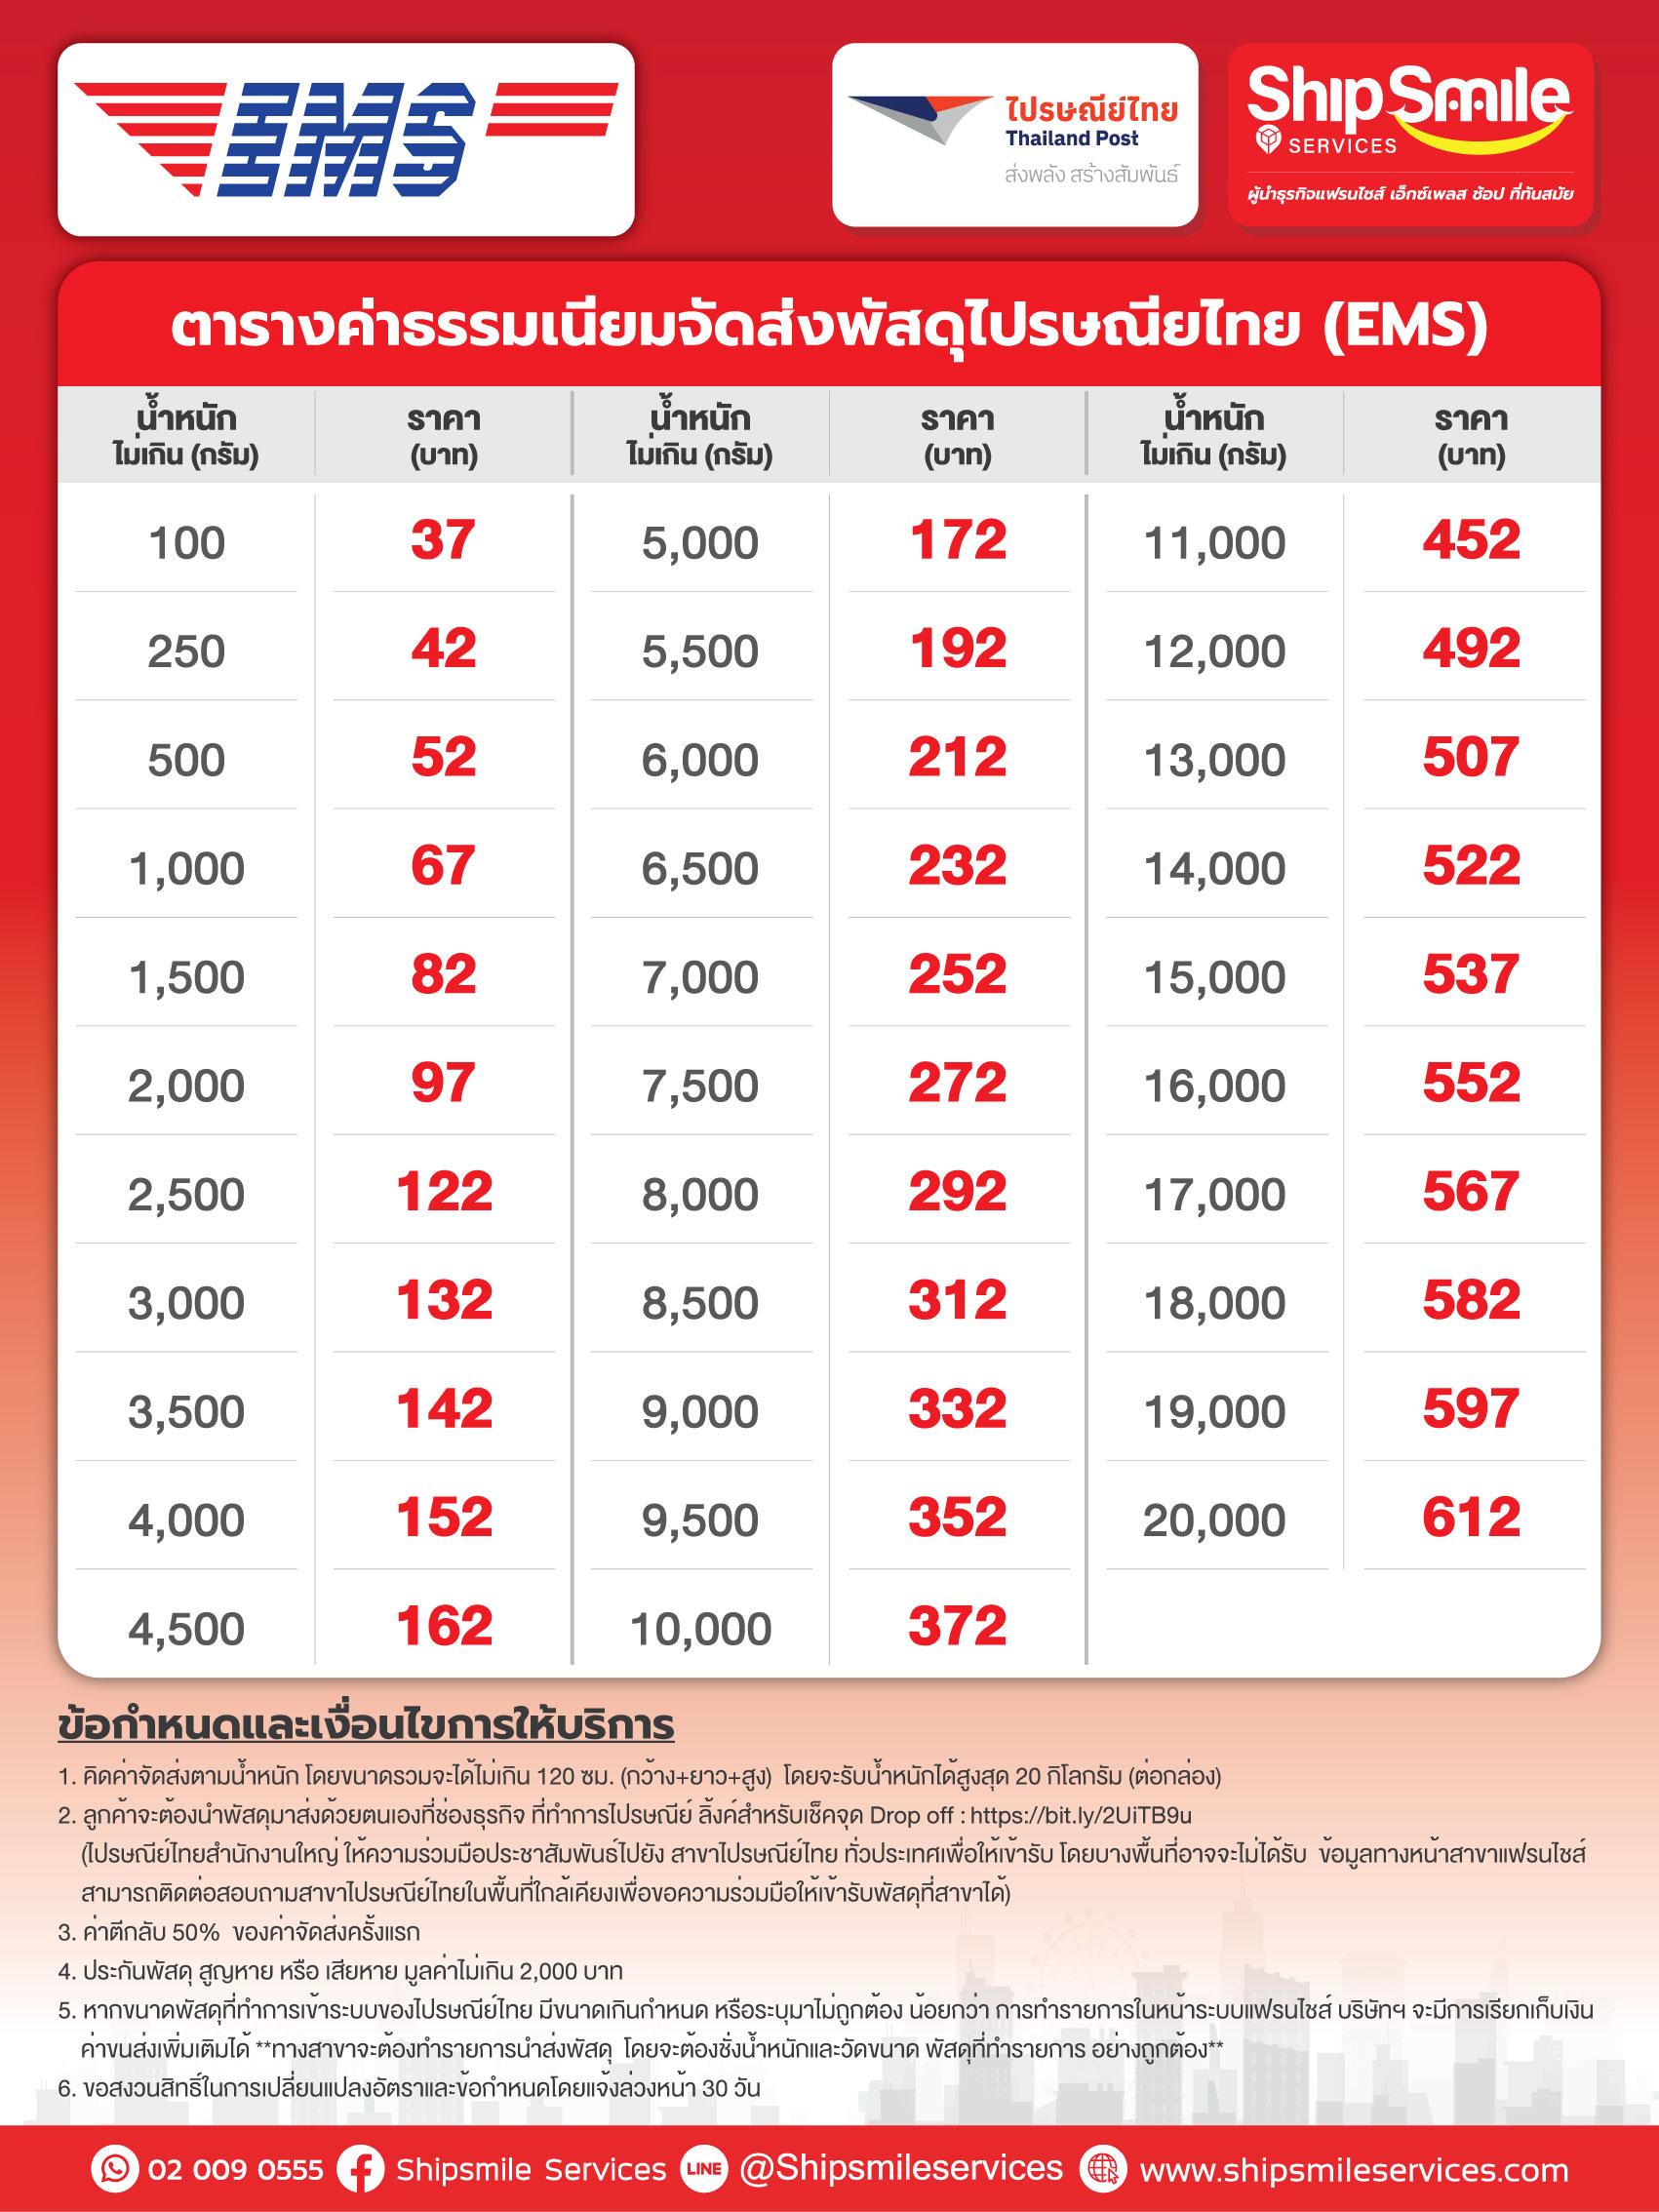 อัตราค่าธรรมเนียม จัดส่งพัสดุ ไปรษณีย์ไทย